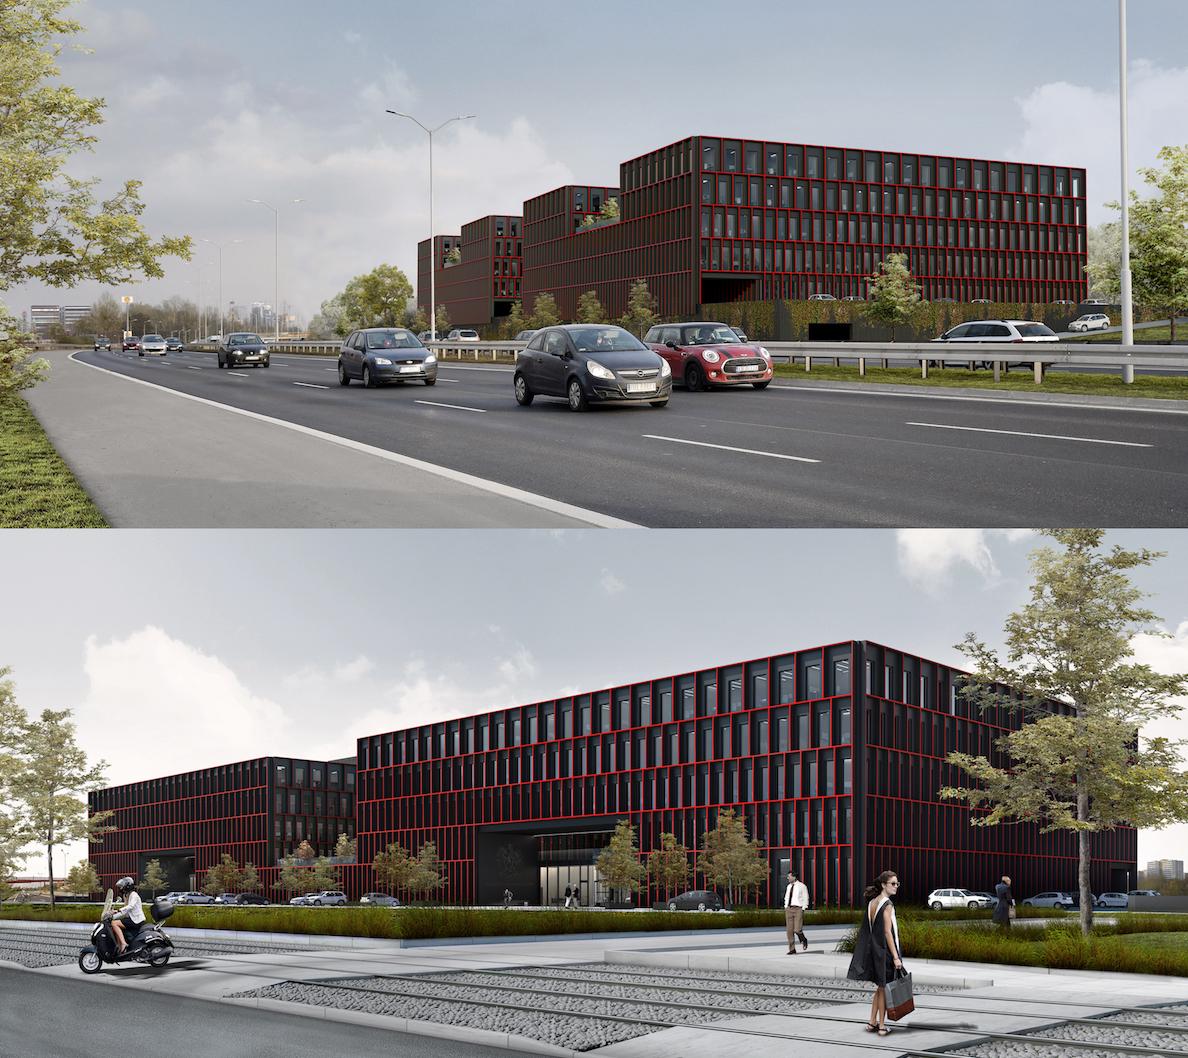 Nowa siedziba prokuratury w Katowicach została zaprojektowana przez architektów z pracowni OSTROWSCY ARCHITEKCI